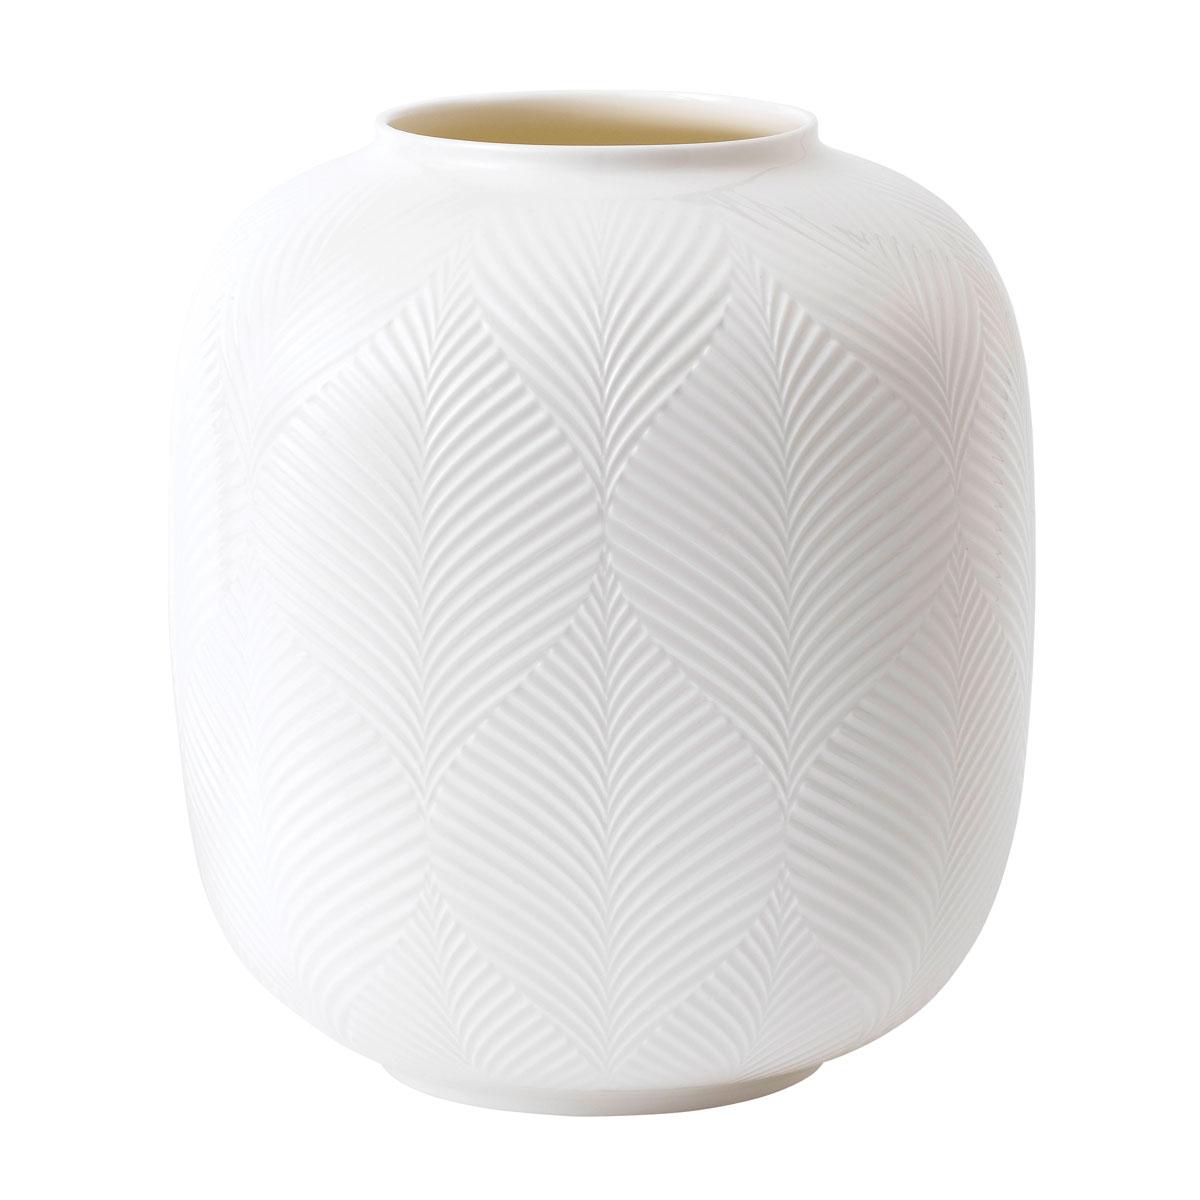 Wedgwood China White Folia Rounded Vase